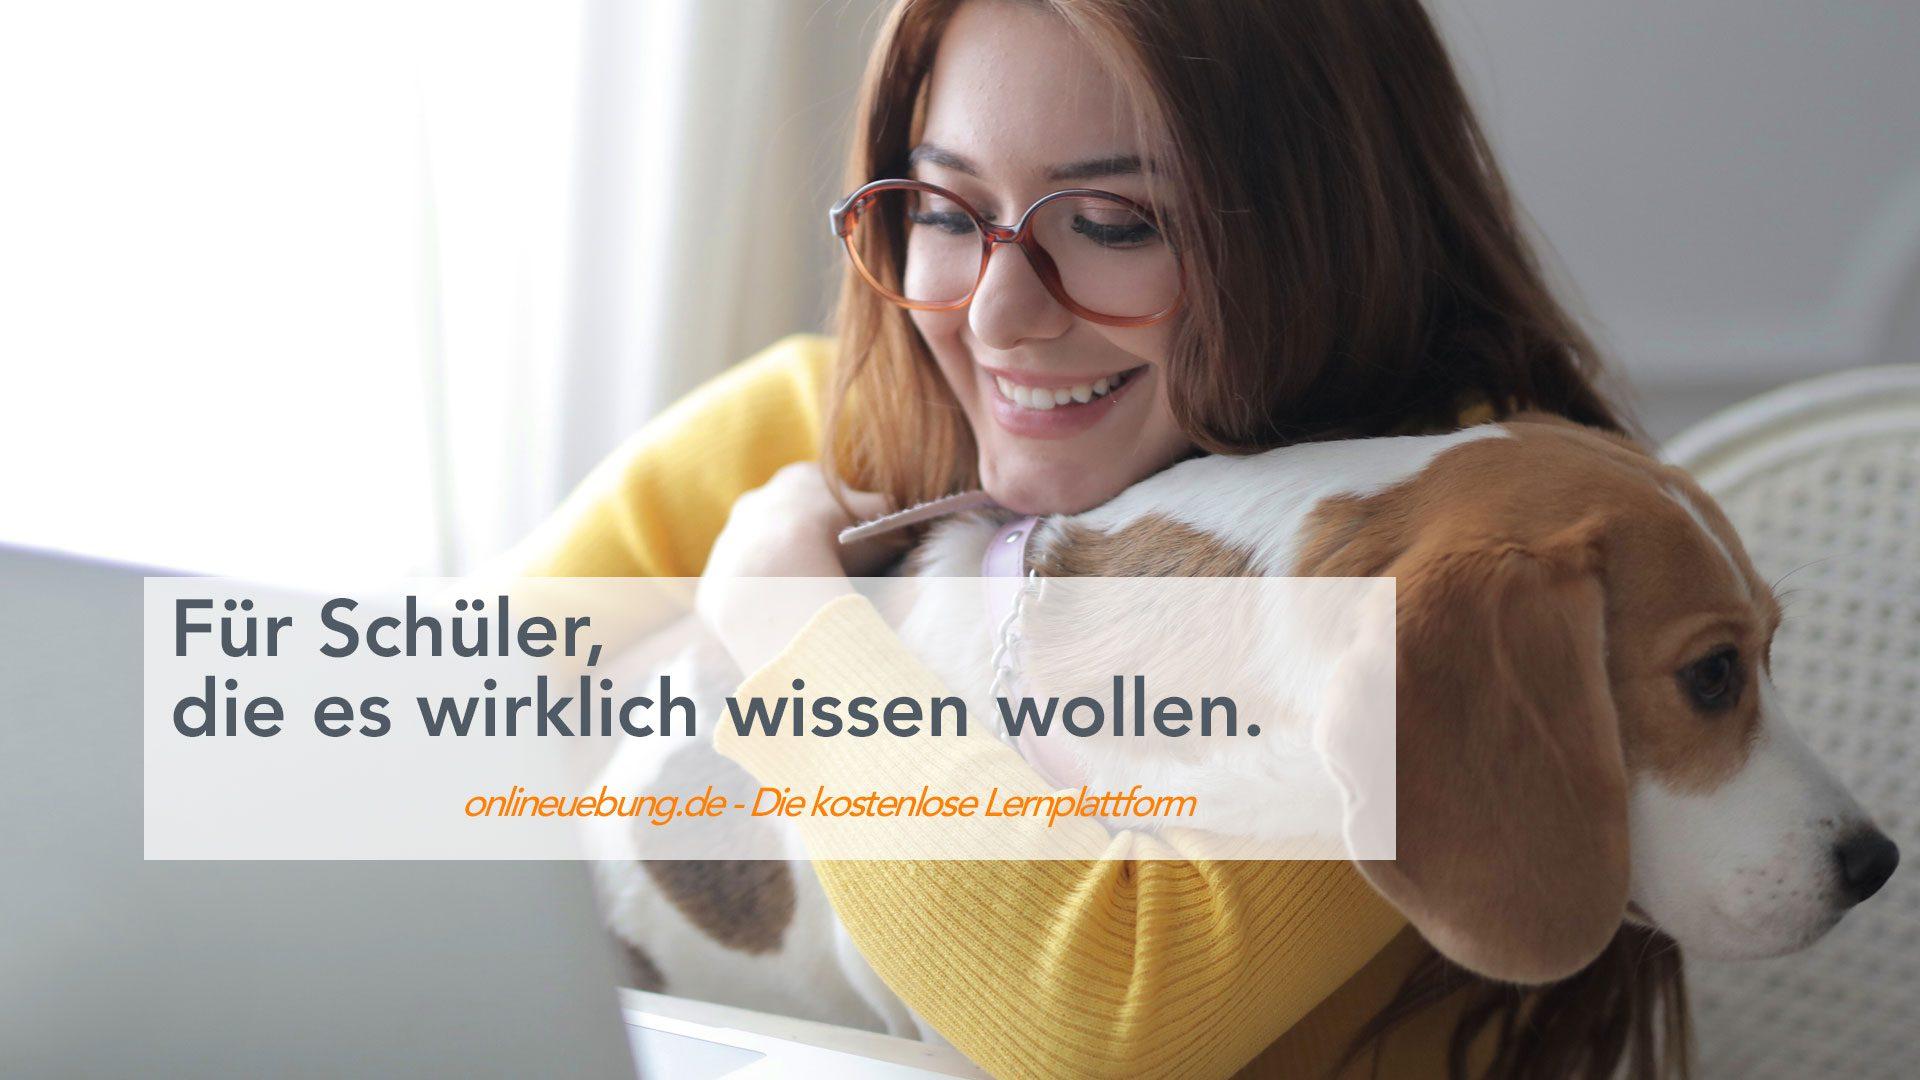 onlineuebung.de - Für Schüler, die es wirklich wissen wollen.